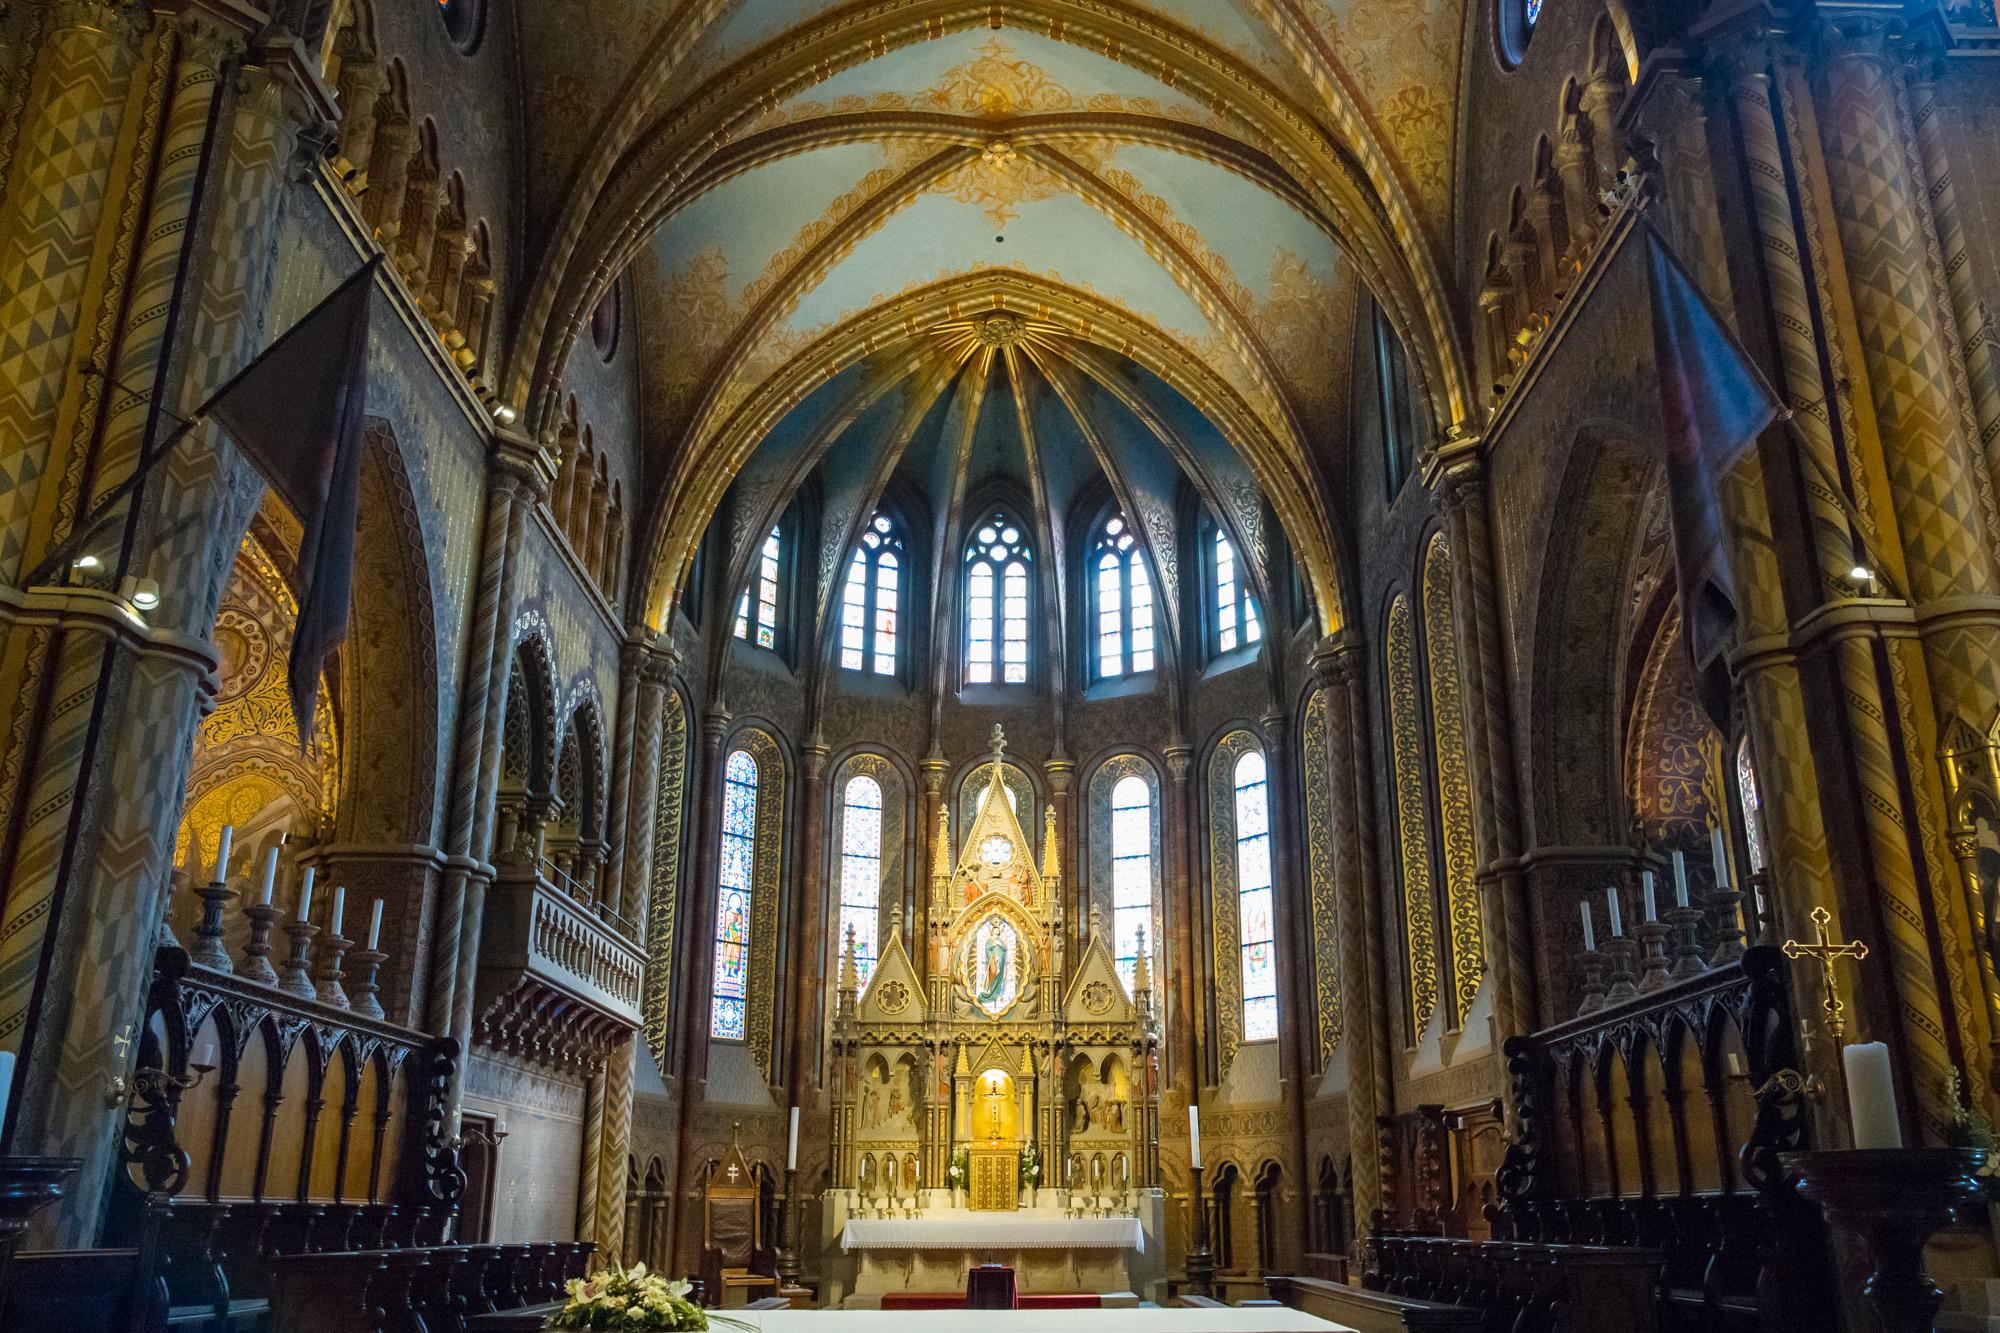 Matthias Church Interior